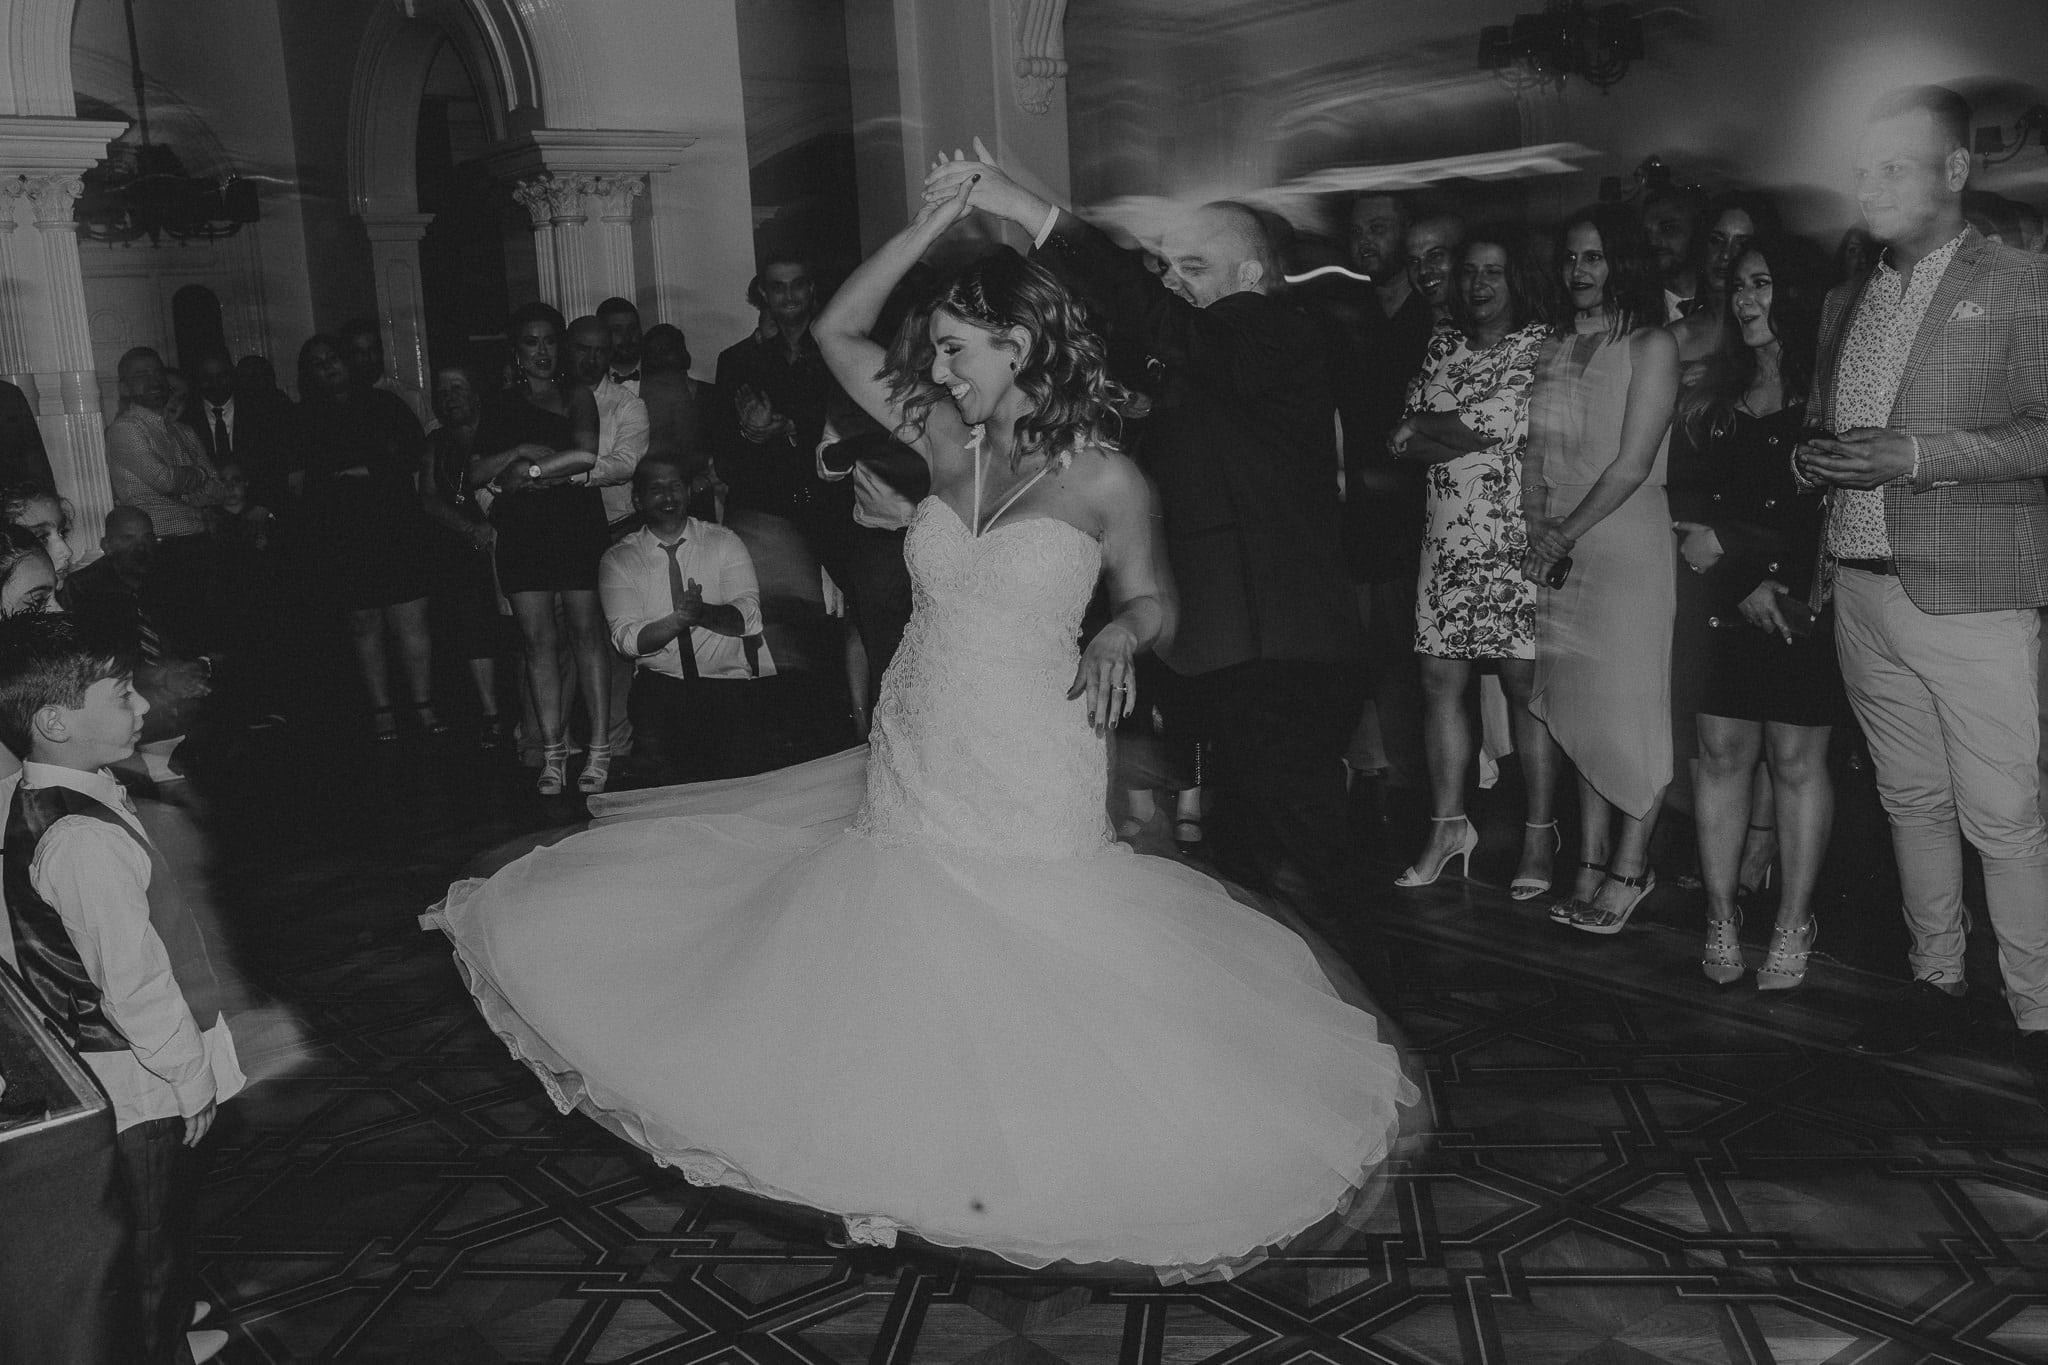 Quat Quatta Wedding Photographer -- First Dance